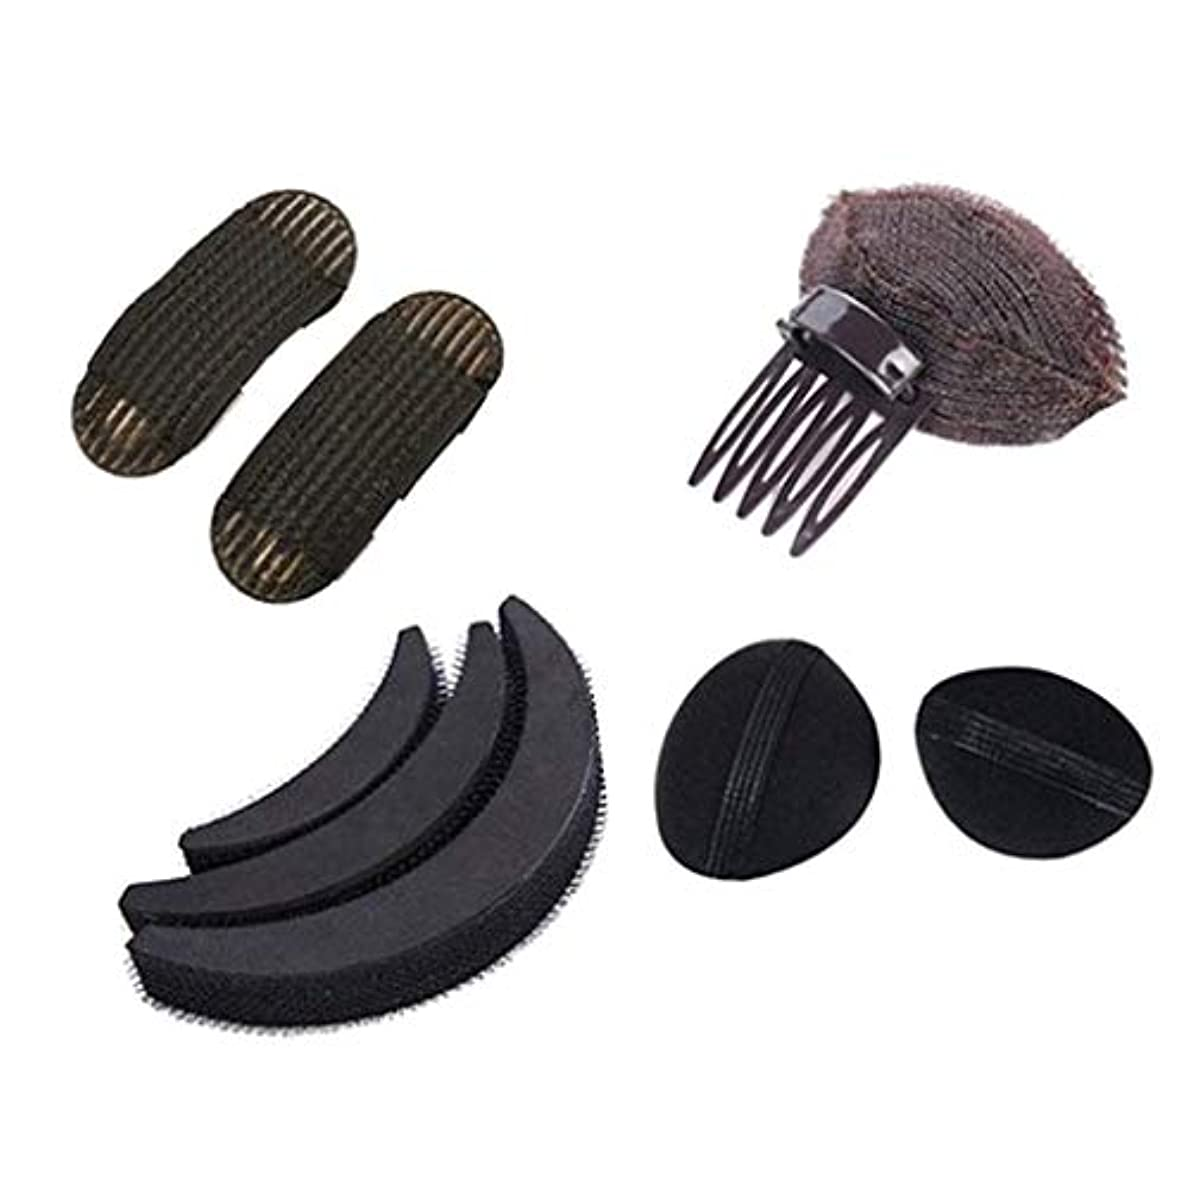 タンパク質困った心臓chiwanji 女の子 ヘアスタイルツールキット ヘアスタイリング 髪型作成ツール ヘアステッカー 4種類 - B